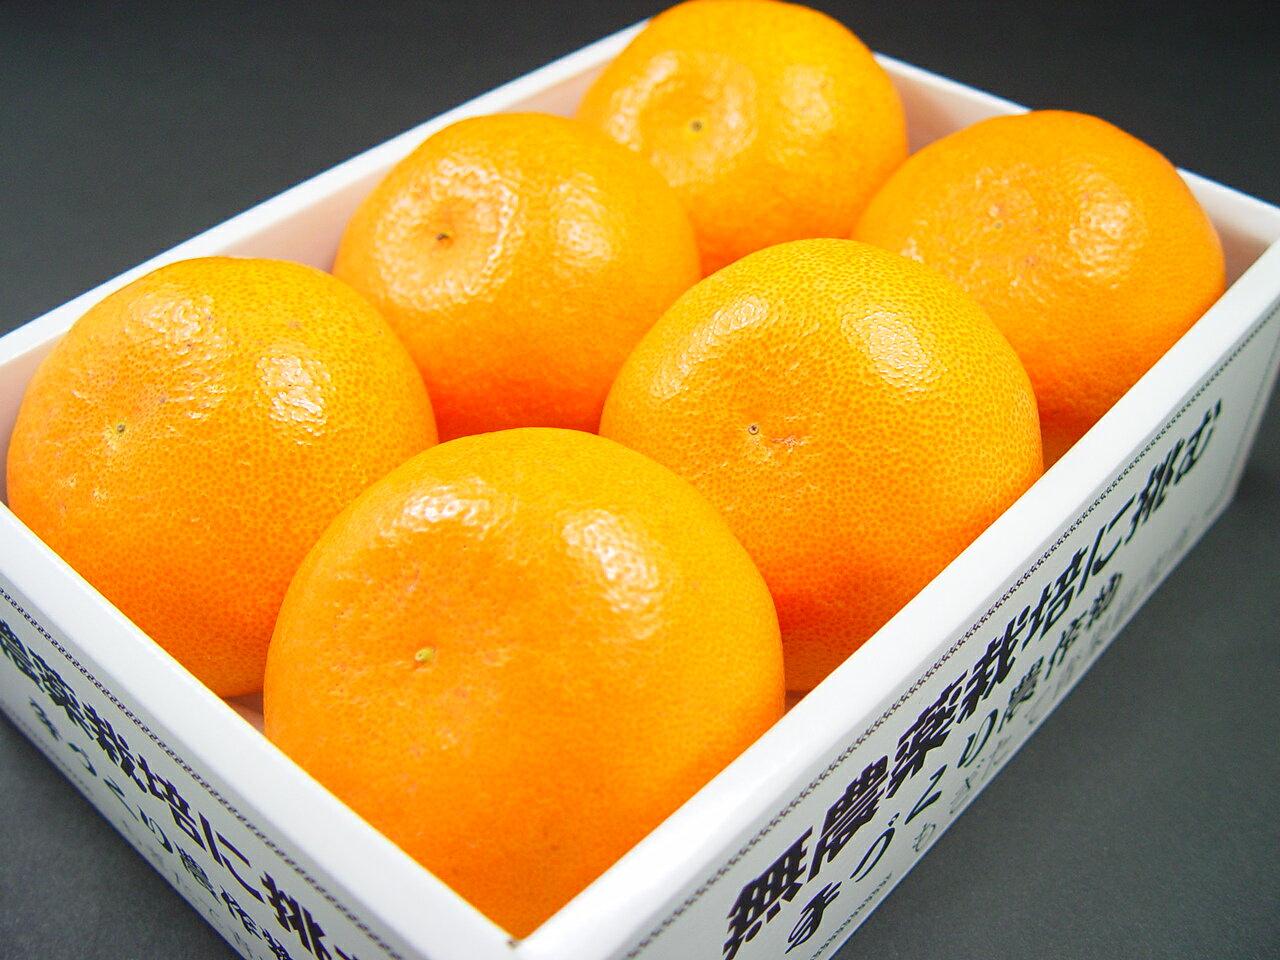 愛媛県産 せとか 6個入り TV等のマスコミで話題の柑橘の新品種!甘さ、食味の良さ、素晴らしい香りを併せ持つ国産オレンジ! ホワイトデーのギフトにおすすめ